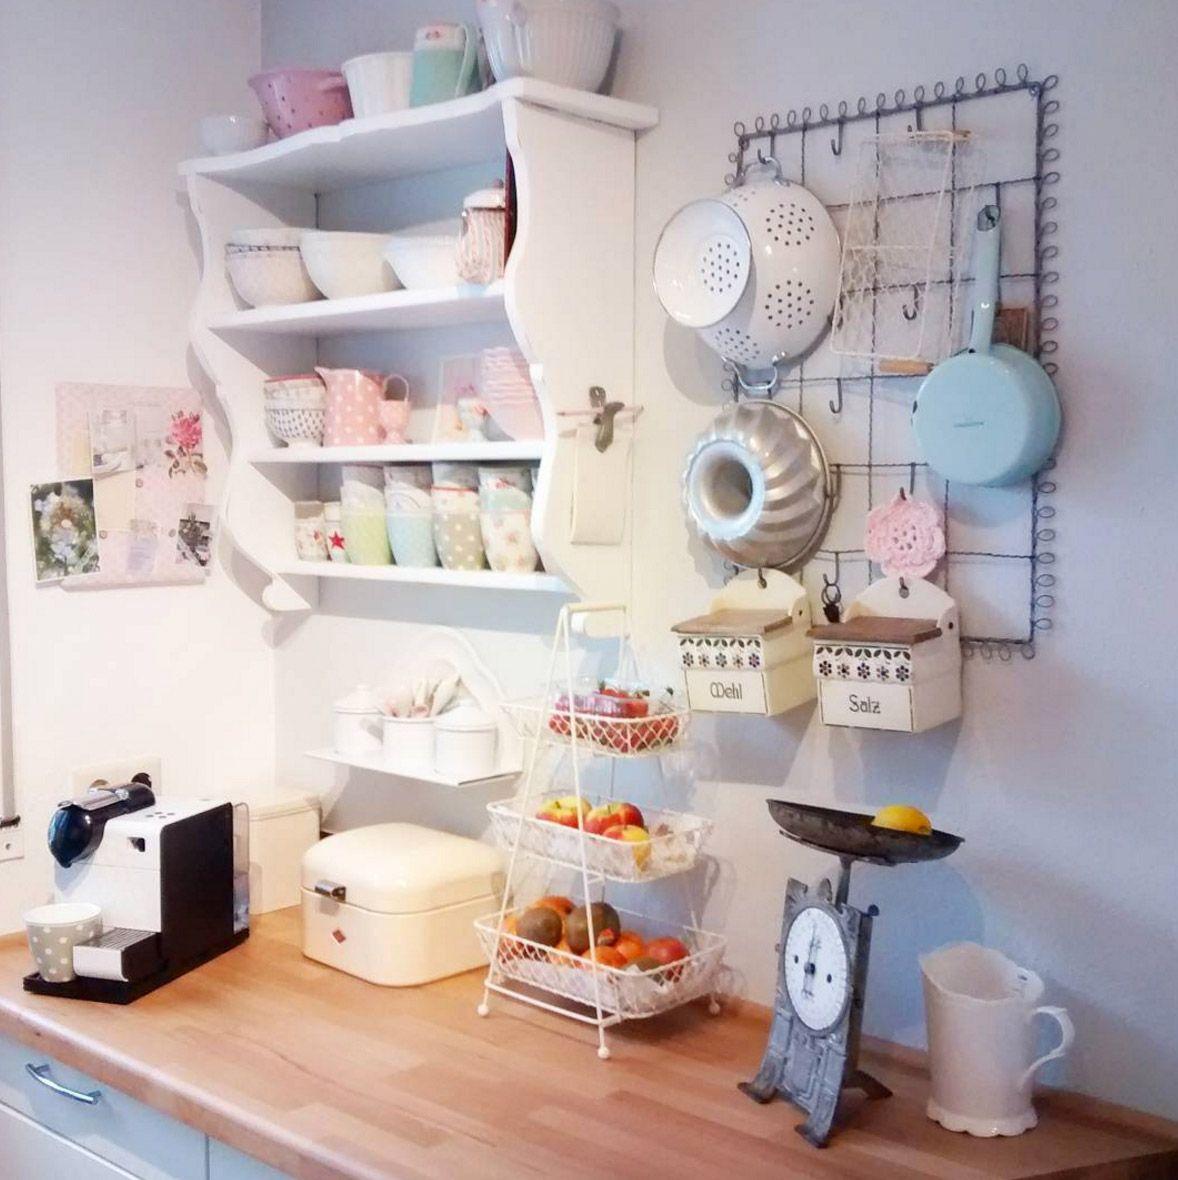 beistellregal küche | bnbnews.co - Drahtregal Küche | future home ...